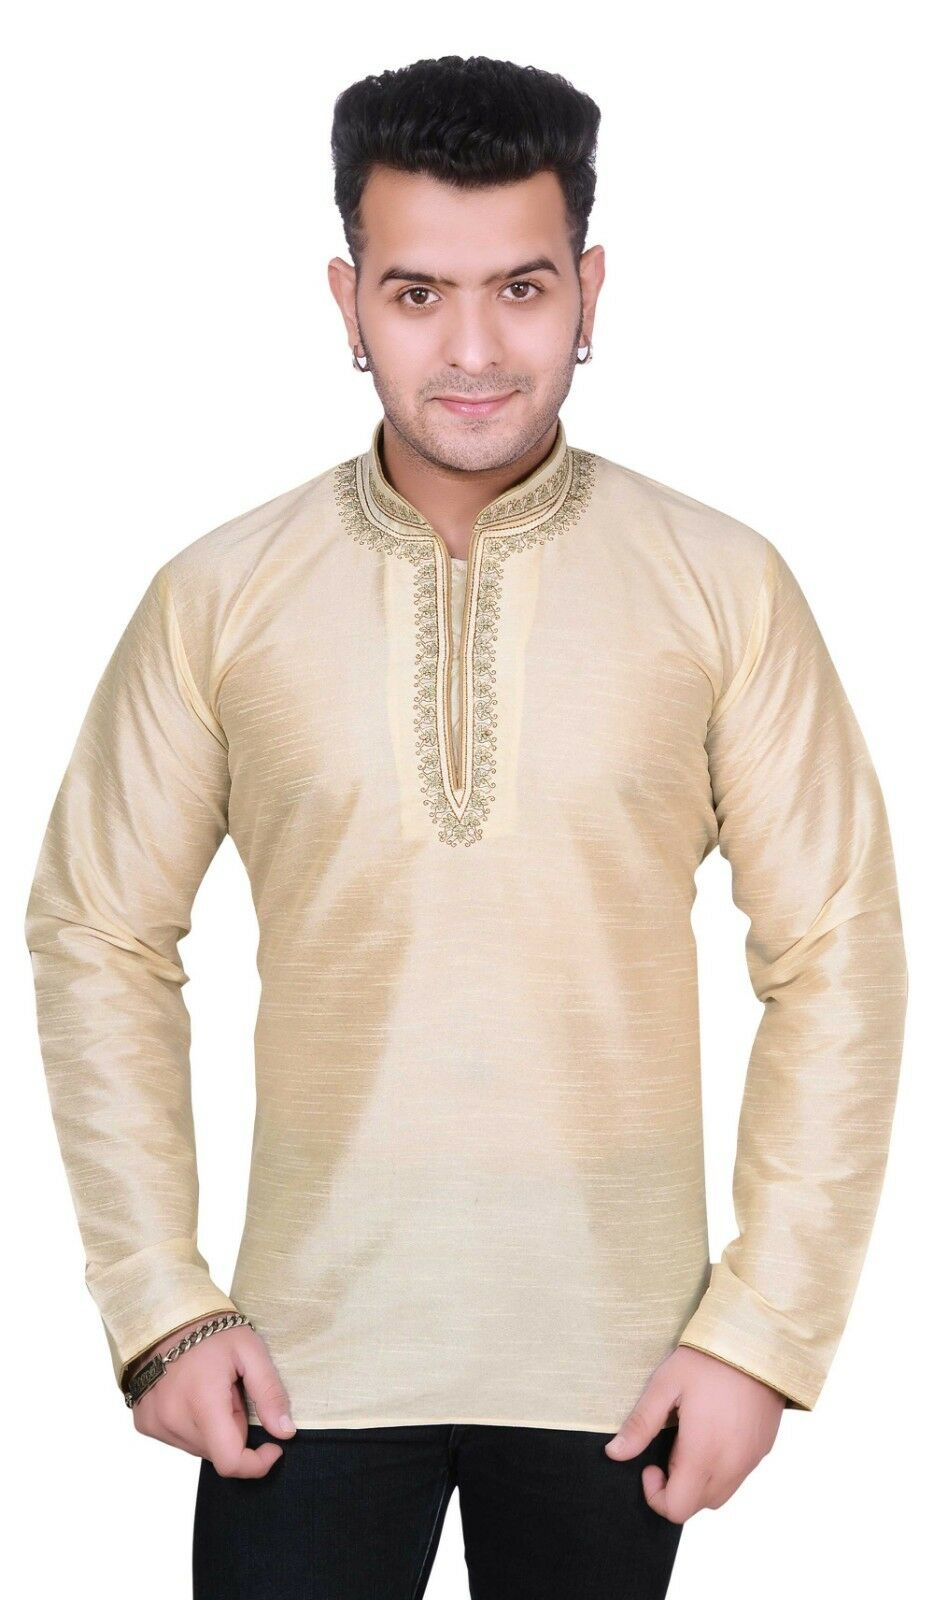 Herren Shorts Kurta Hemd Indisch Bollywood Thema Hochzeit Party Party Party Tunika Outfit   Wir haben von unseren Kunden Lob erhalten.  c2a20a